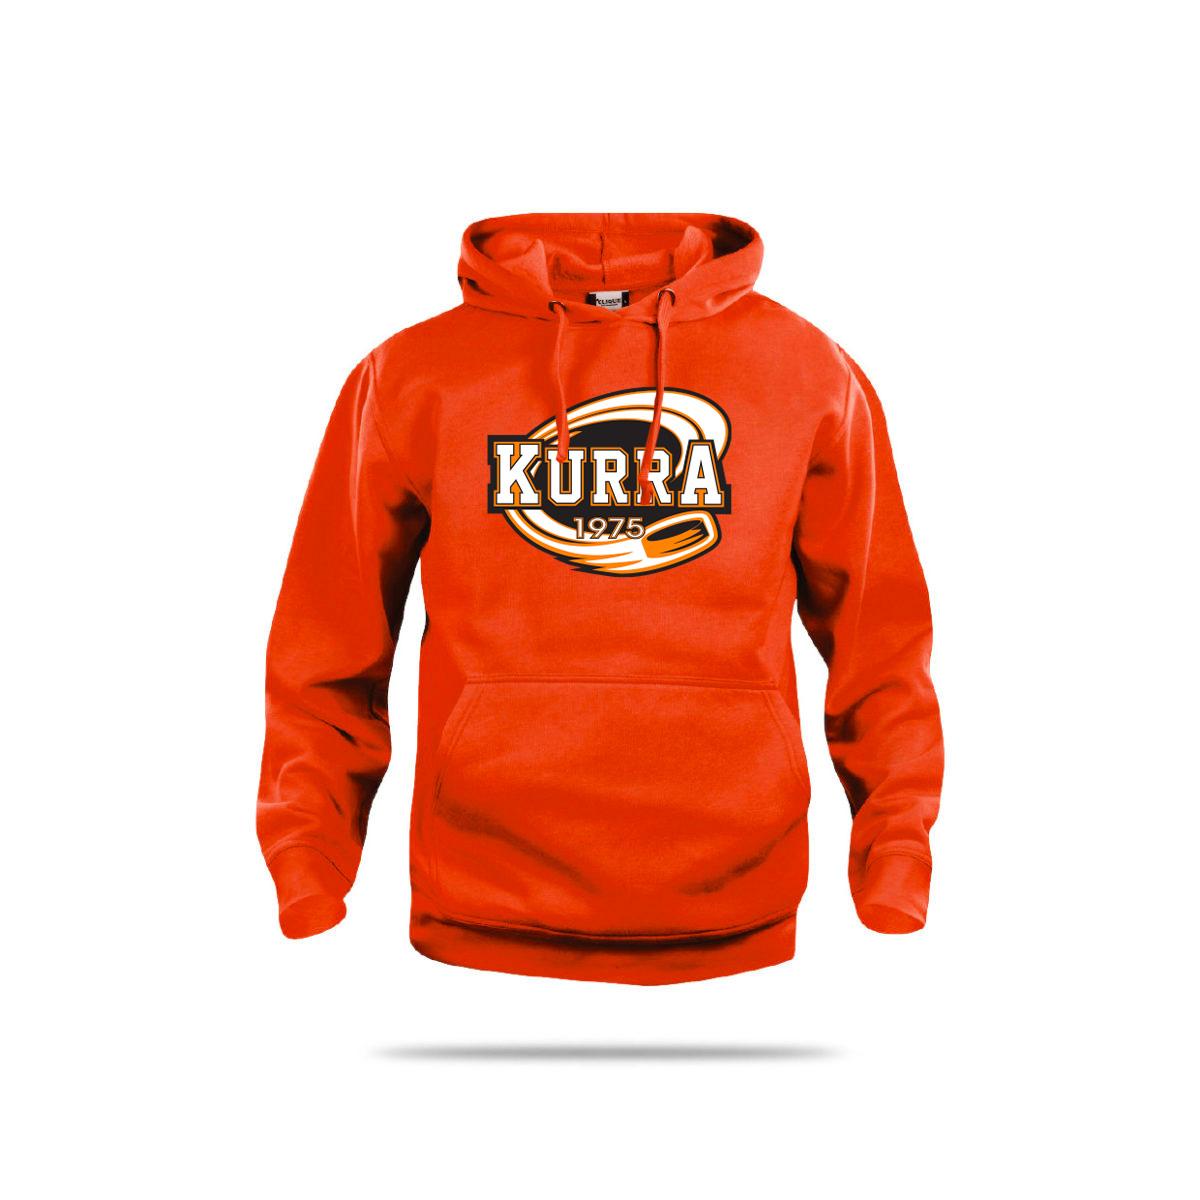 Kurra-Original-3022-Oranssi